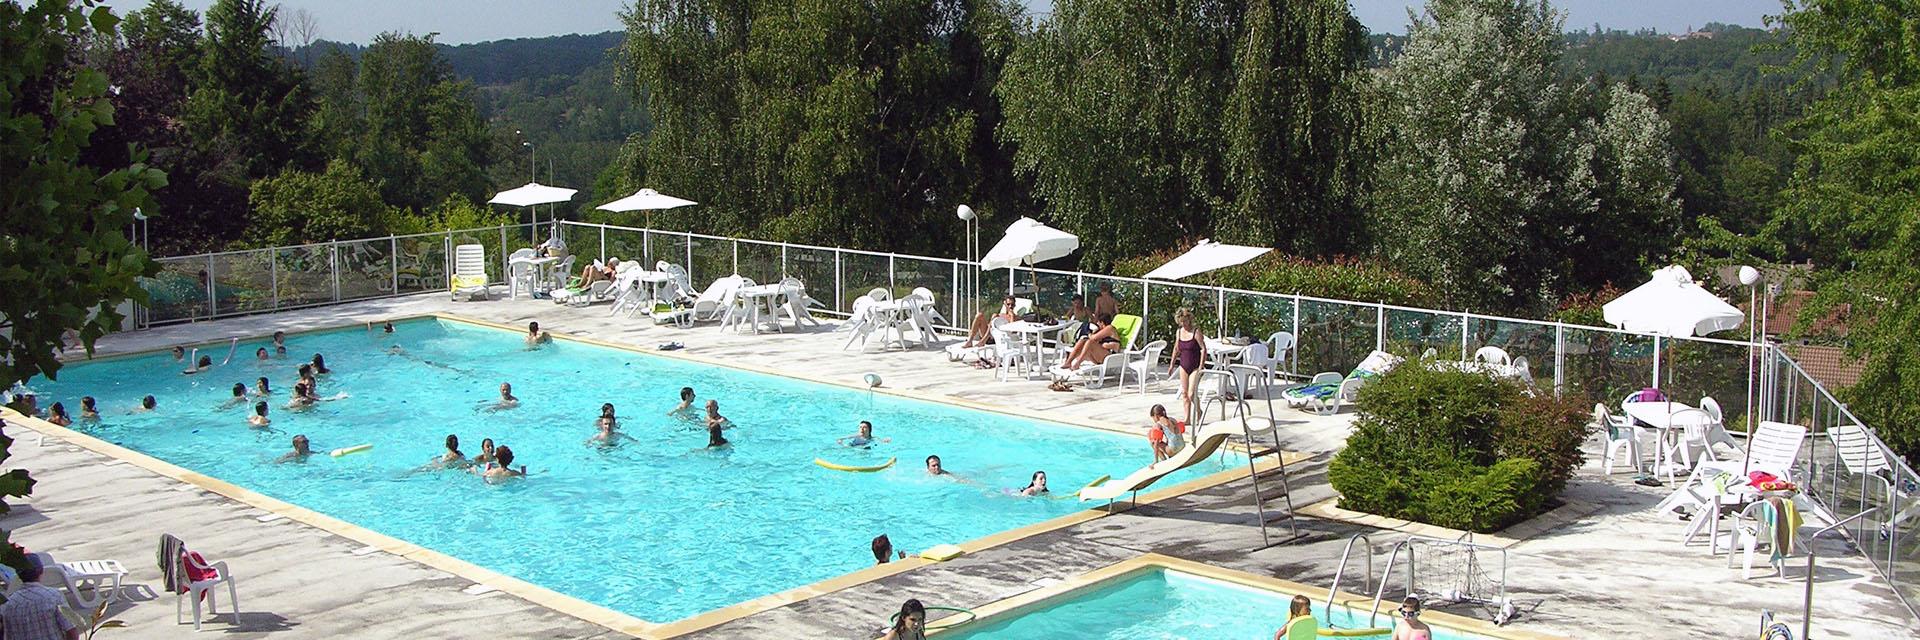 Village_club_vacances_provence-et-vercors-le-souffle-vert-piscine